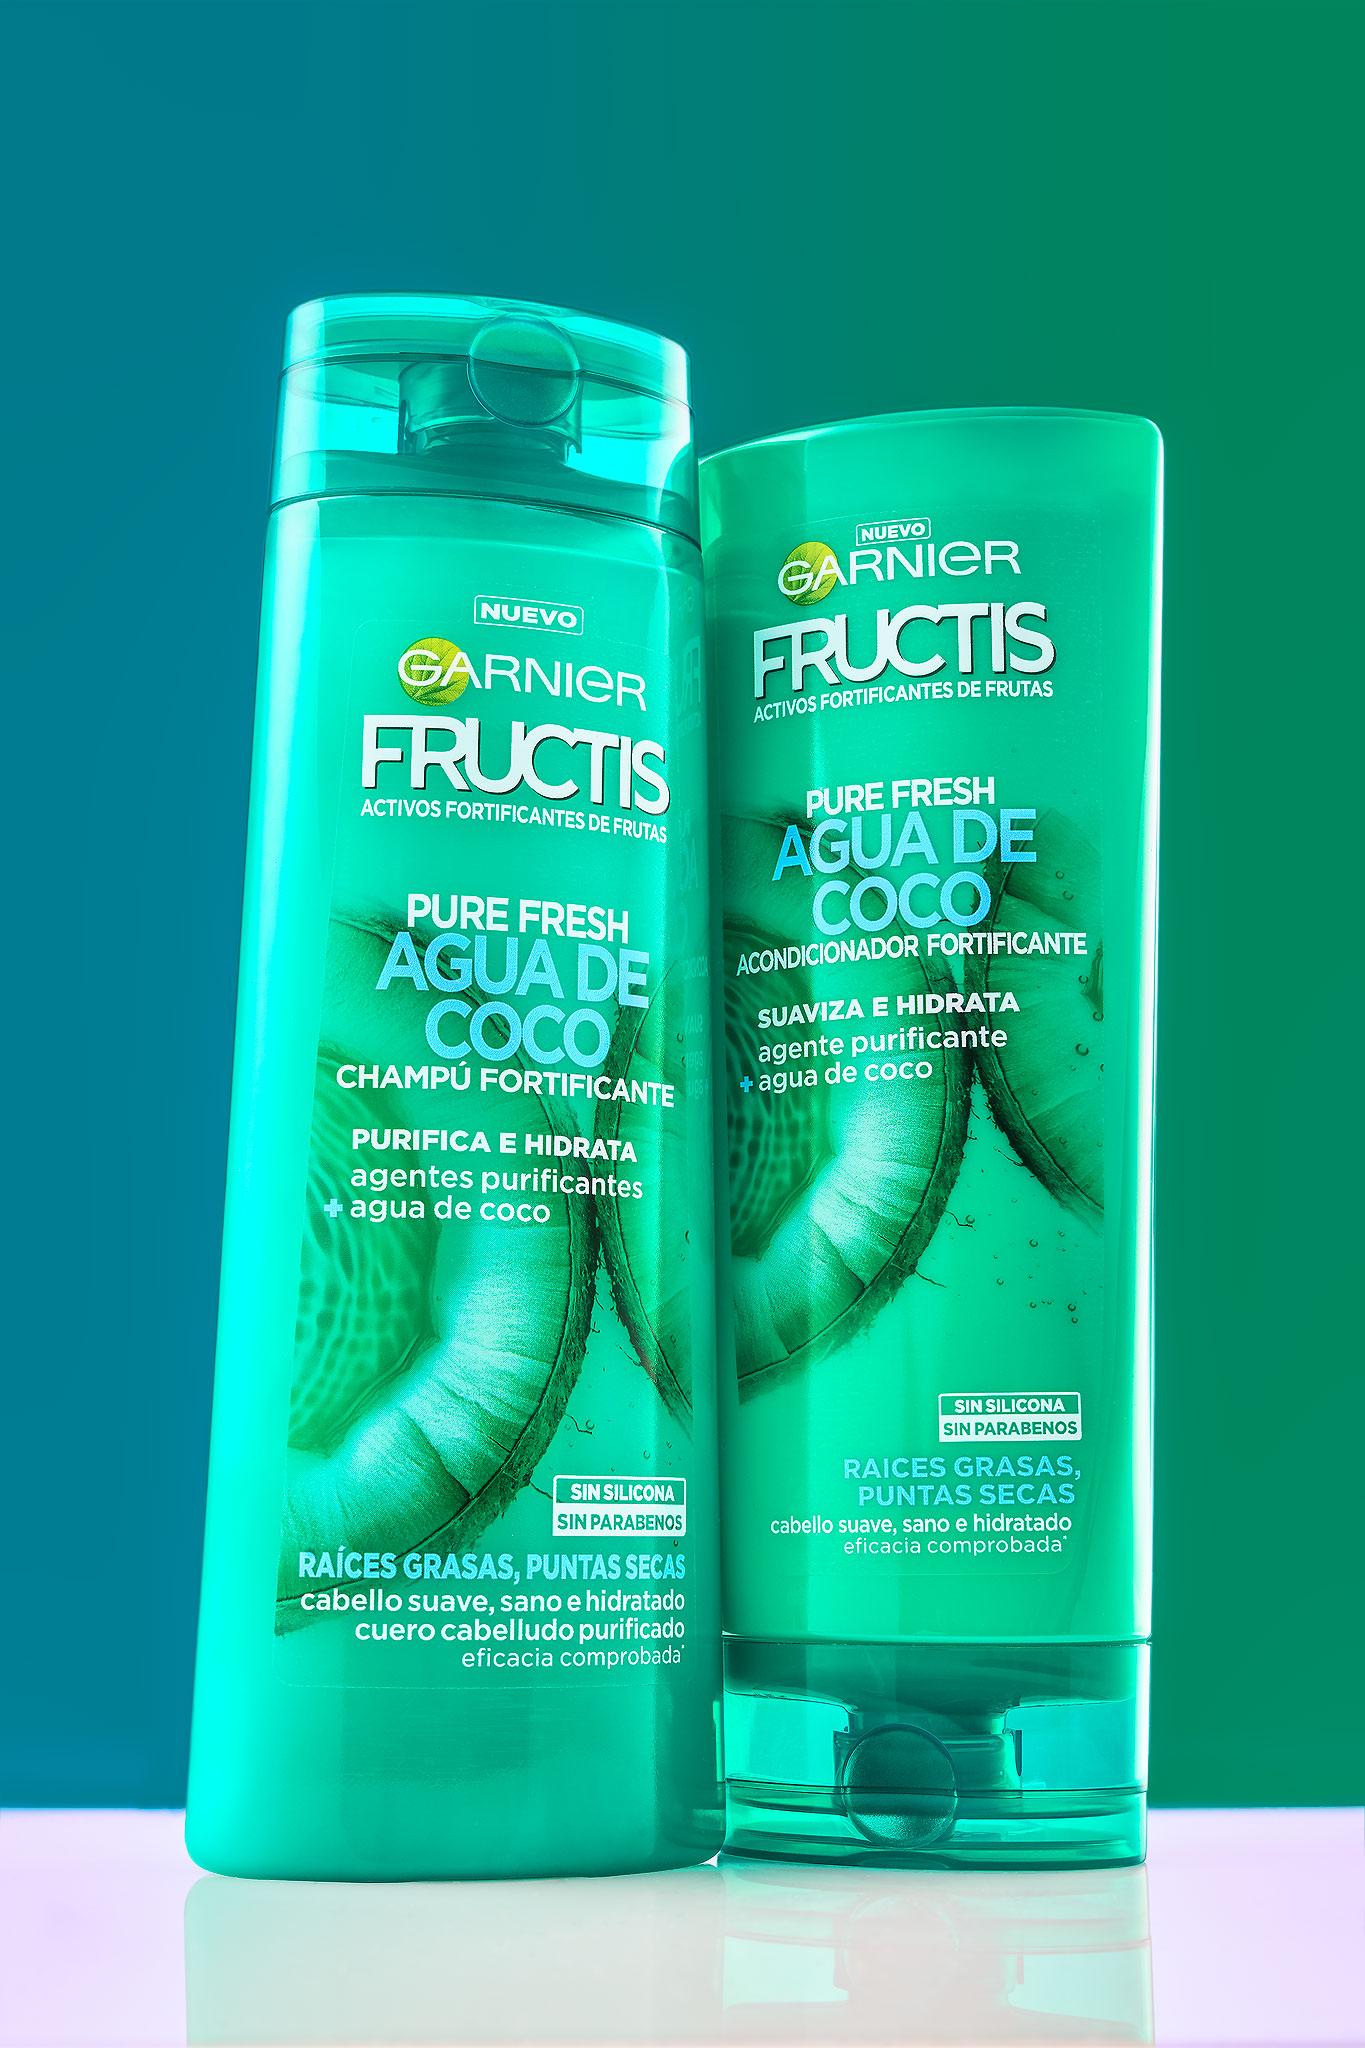 Garnier Fructis - Agua de coco